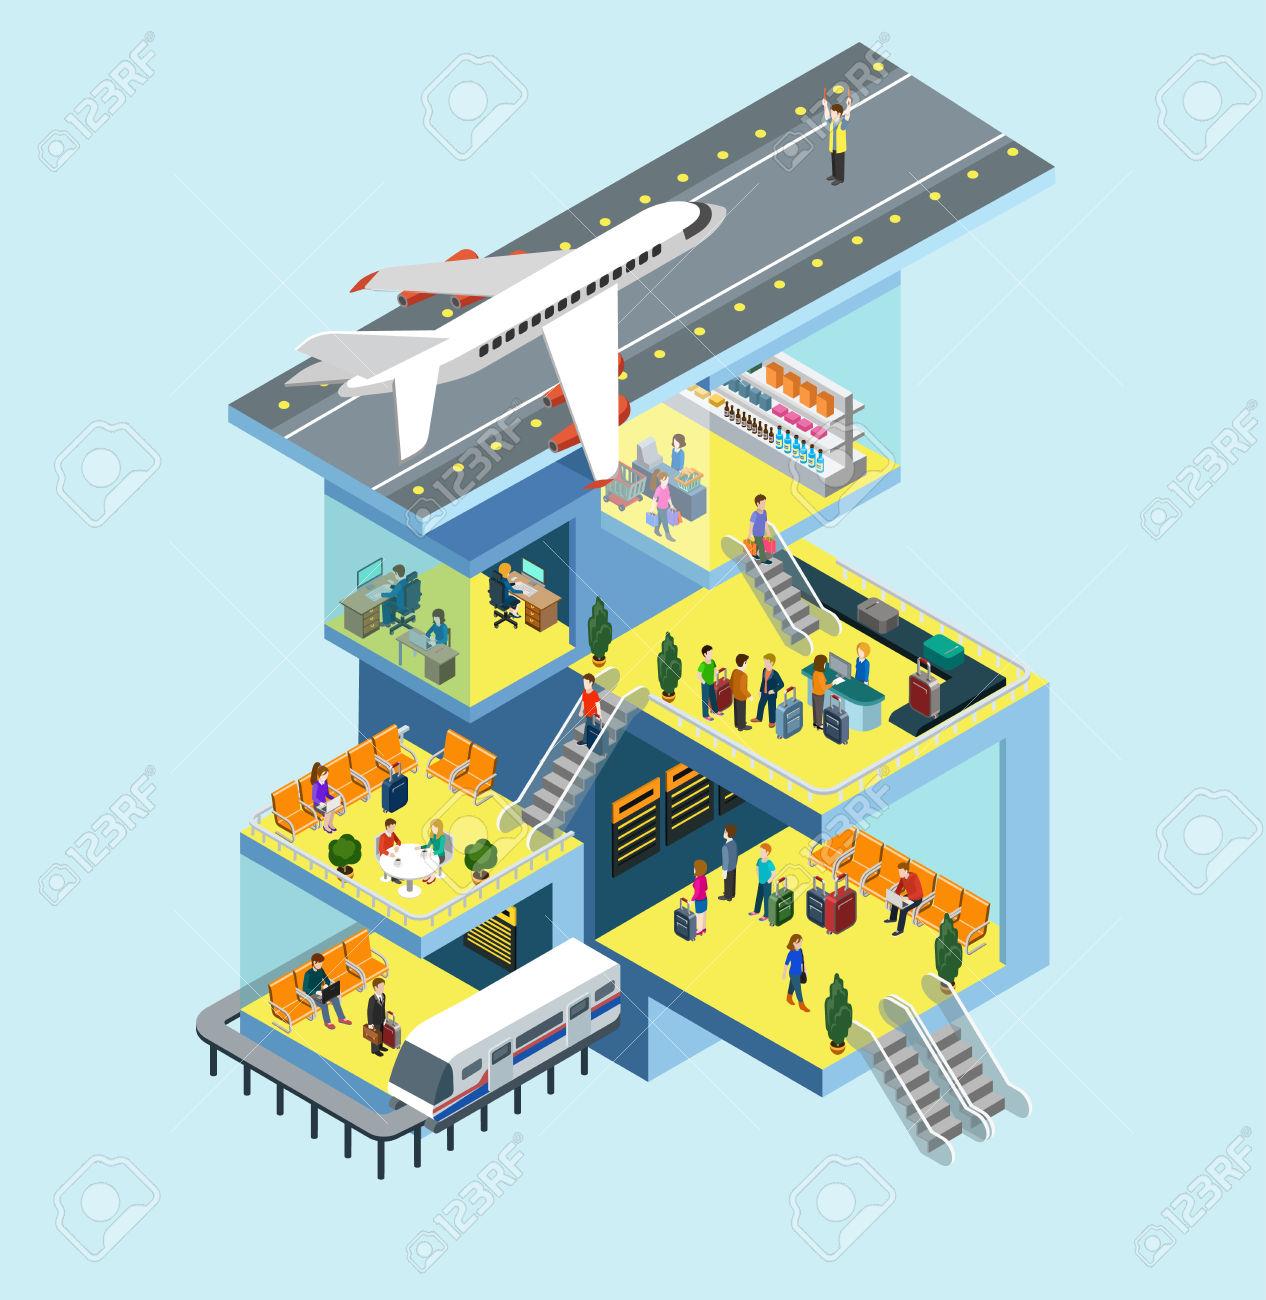 Airport Building People, Runway, Airstrip, Landing Strip, Plane.